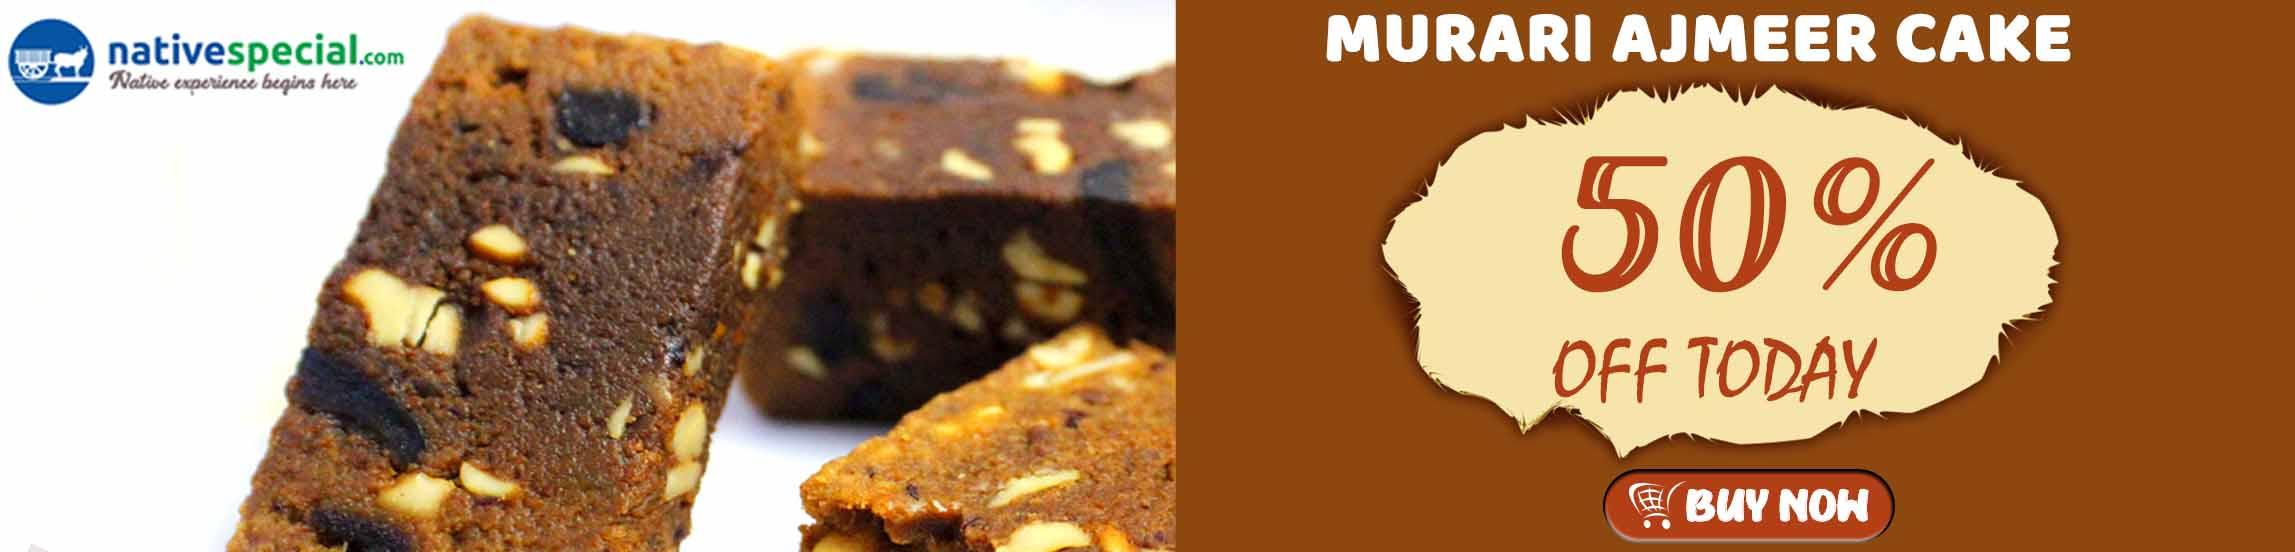 Murari Ajmeer Cake